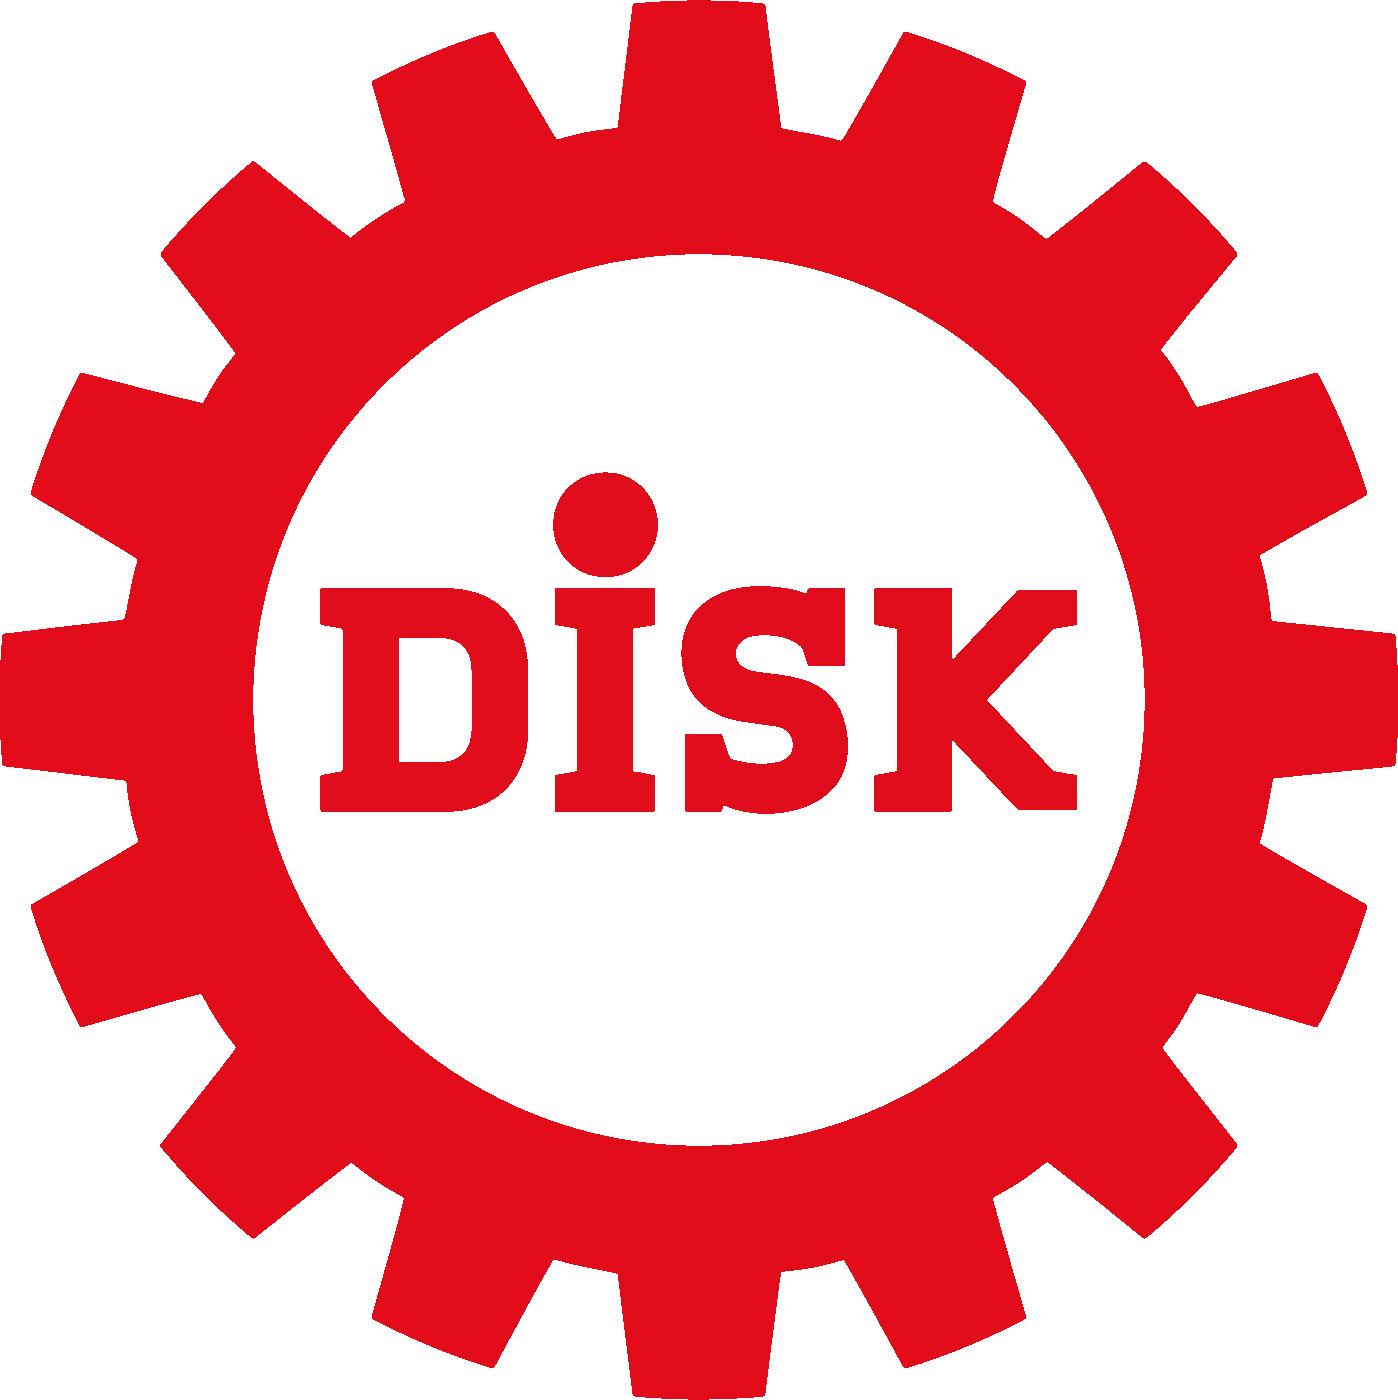 DİSK Logo png